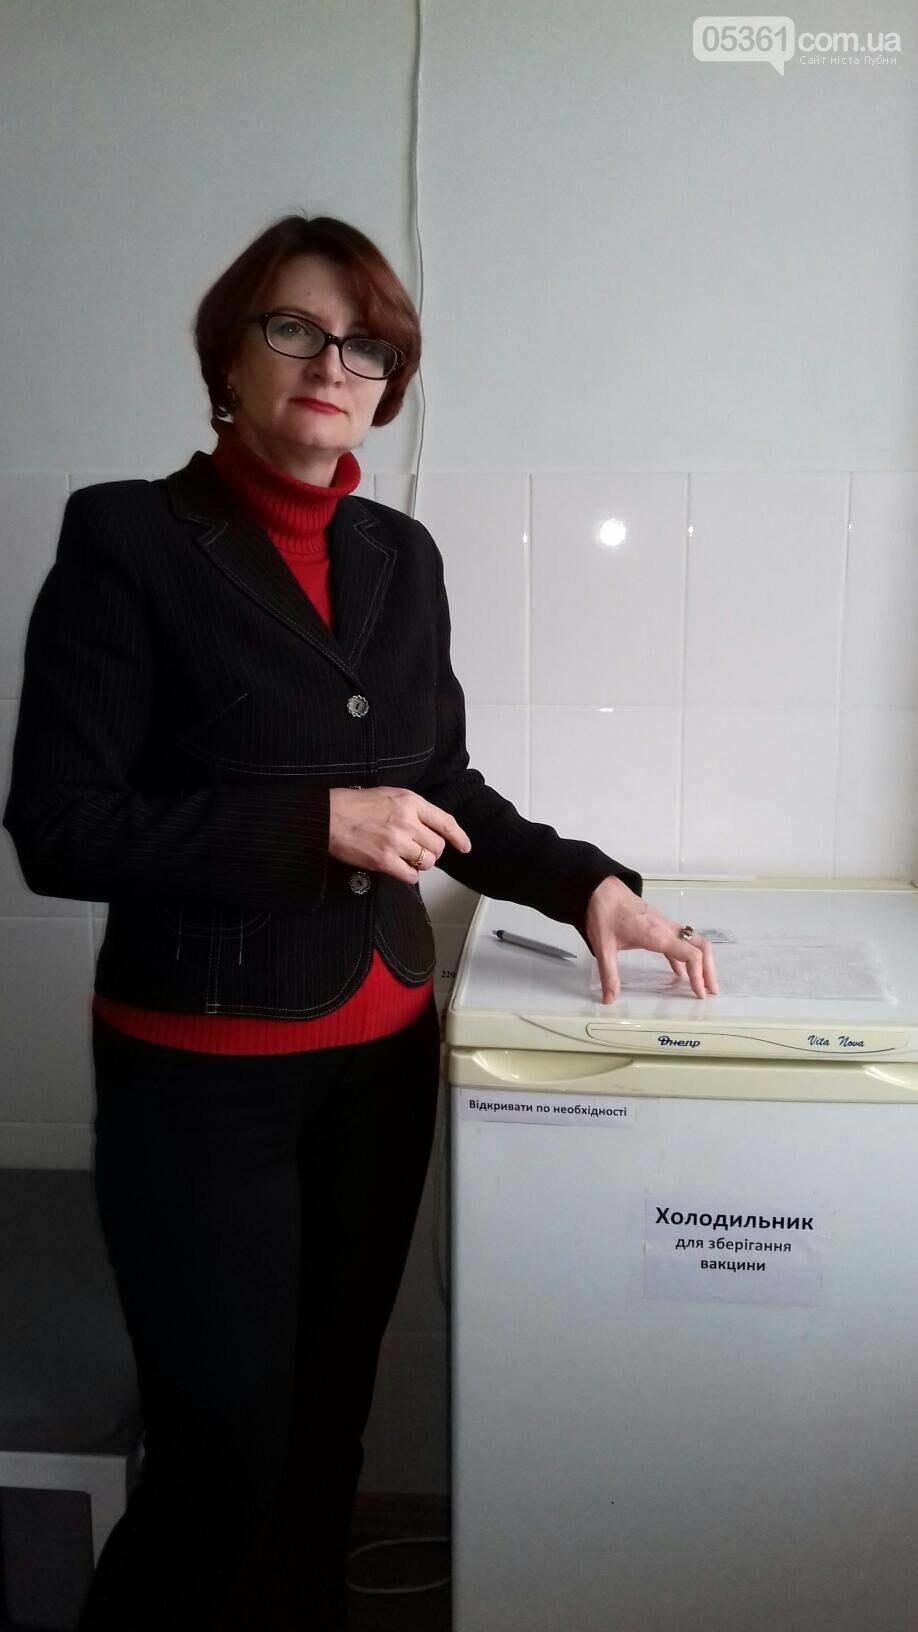 Розвиток Лубенського центру первинної медико-санітарної допомоги, фото-1